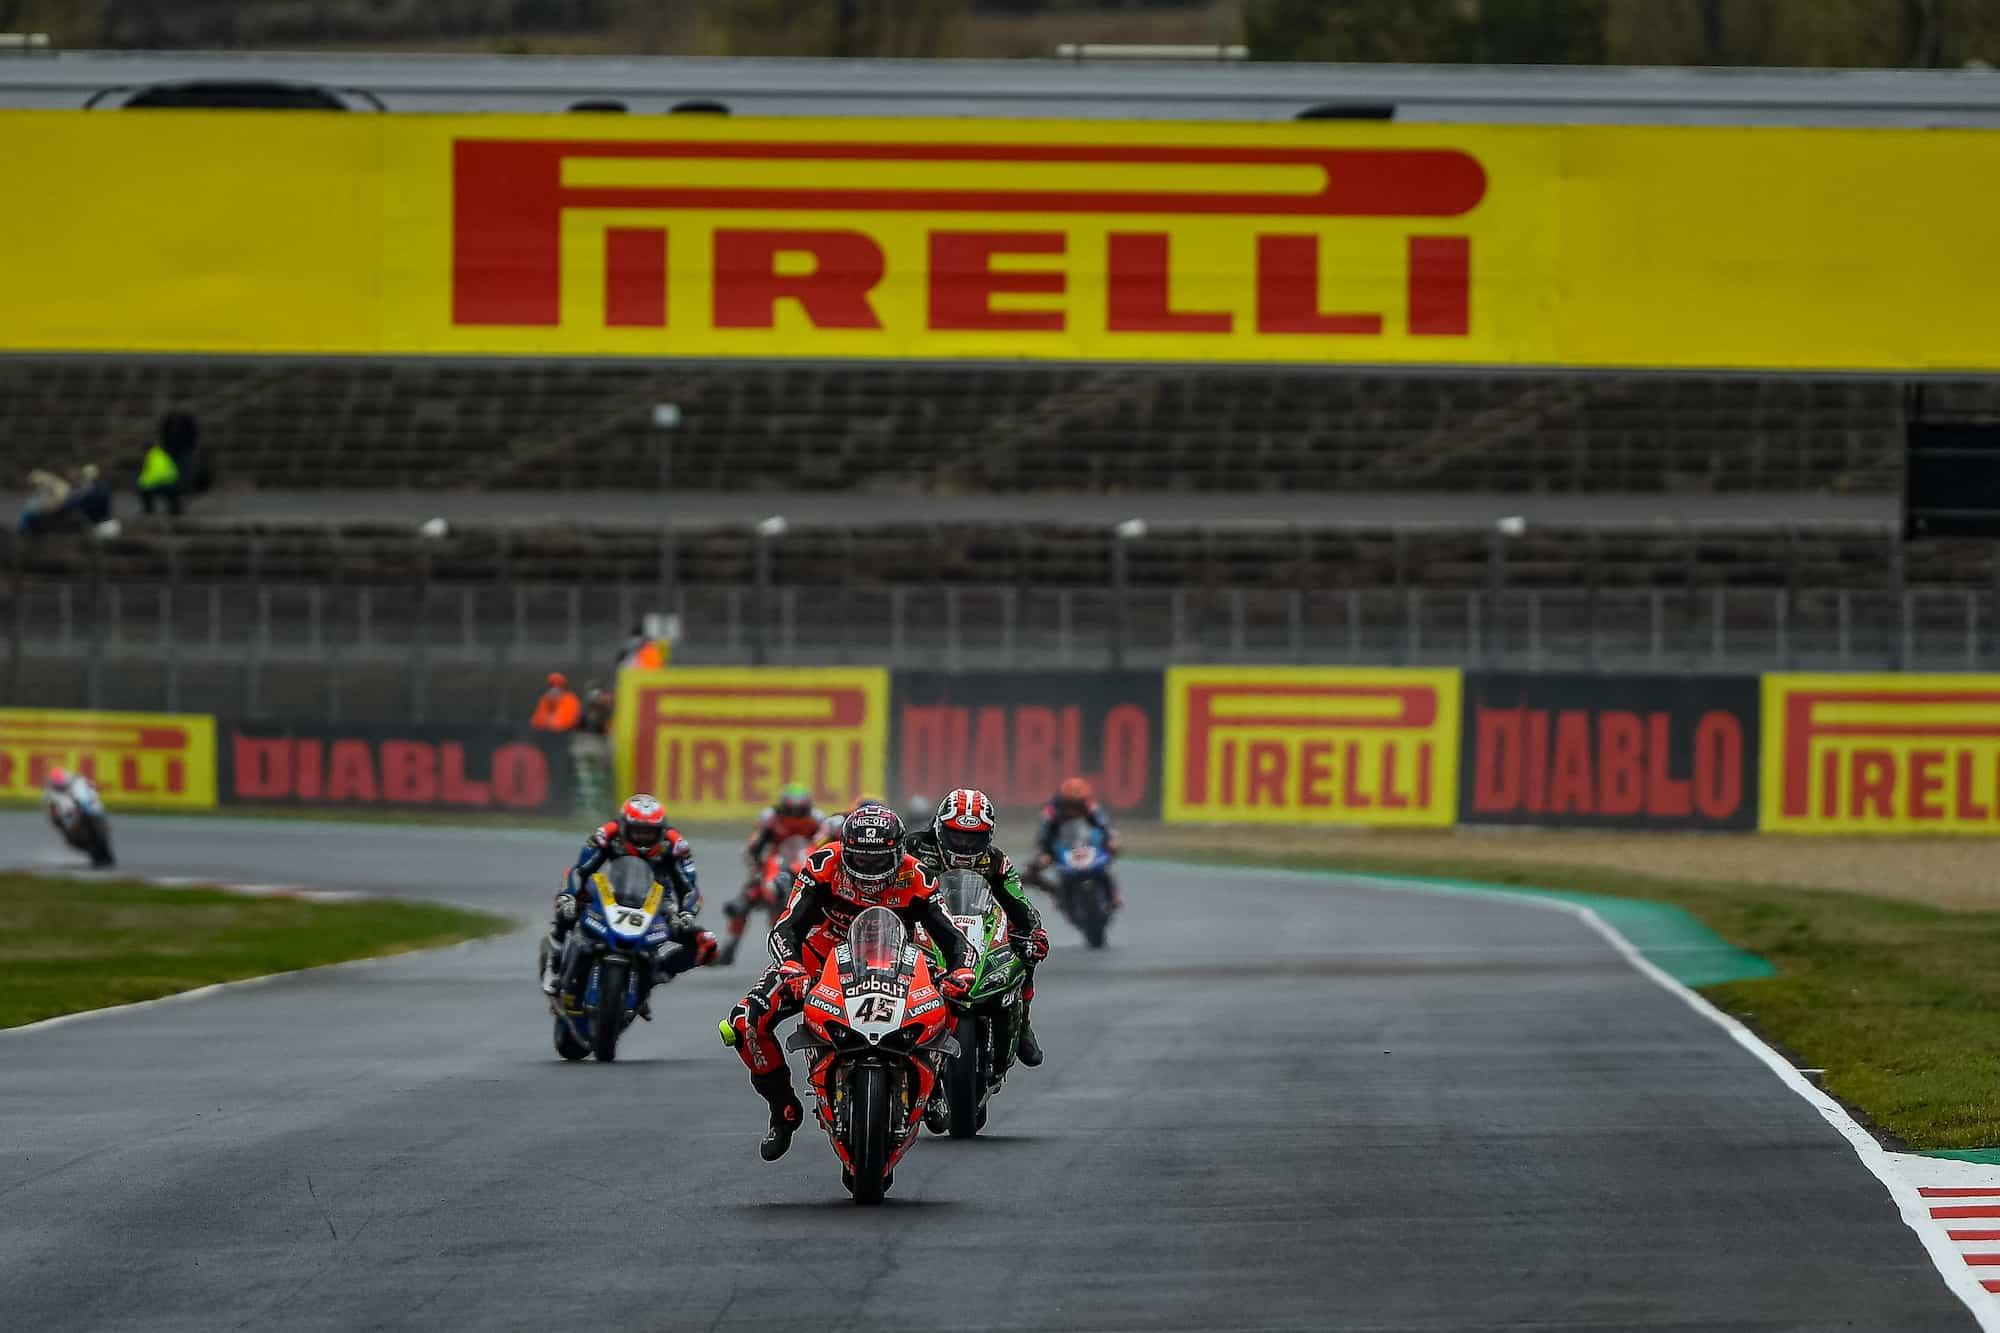 ピレリ(Pirelli)レースレビュー マニクール戦スーパーポールレースでレイ、レース2でレディングが優勝